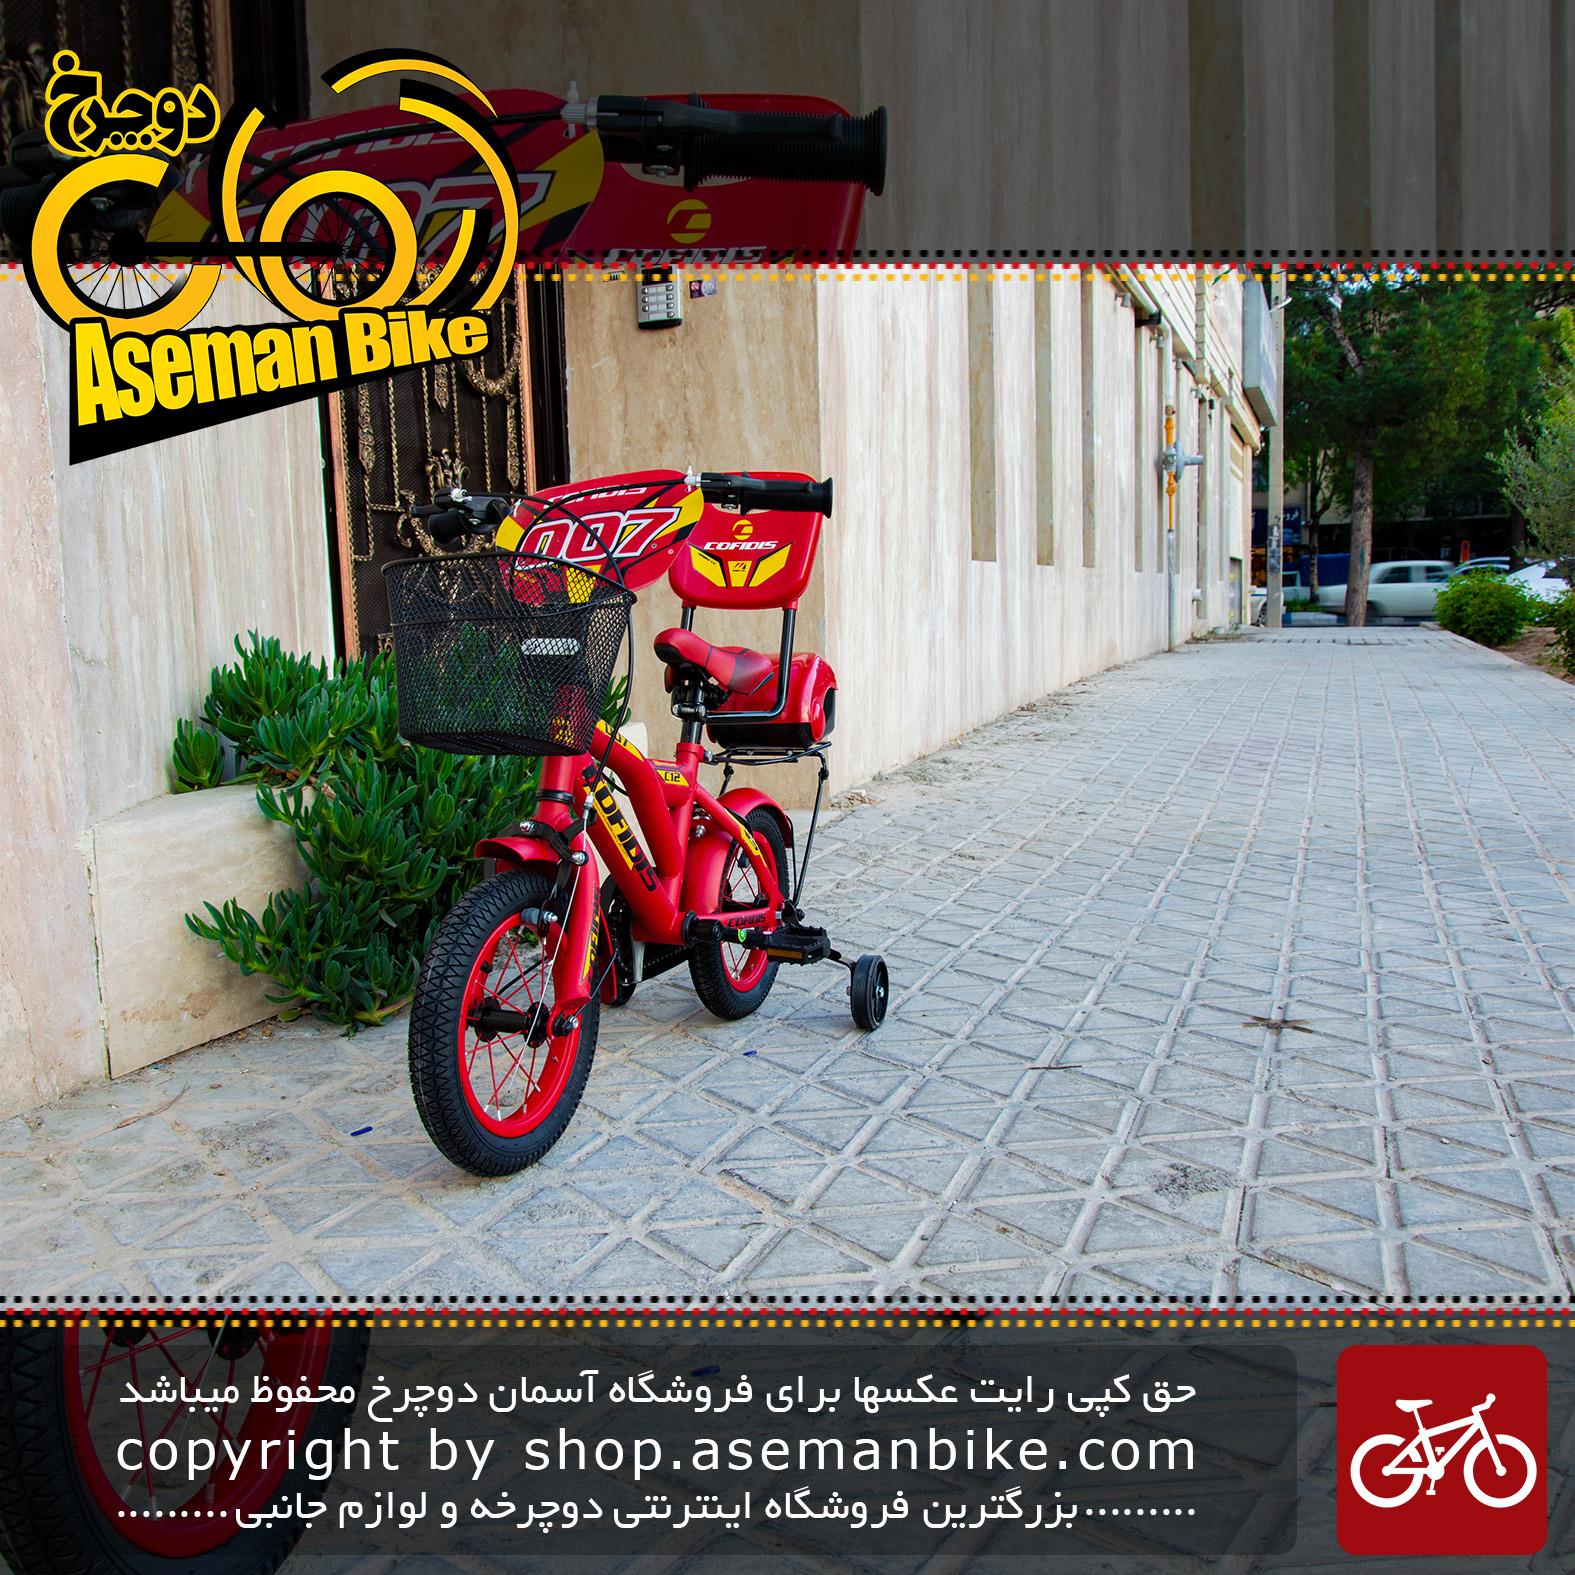 دوچرخه دخترانه پرادو تایوان صندوق و سبد دار مدل 007 سایز 12 PRADO Bicycle 007 Size 12 2019